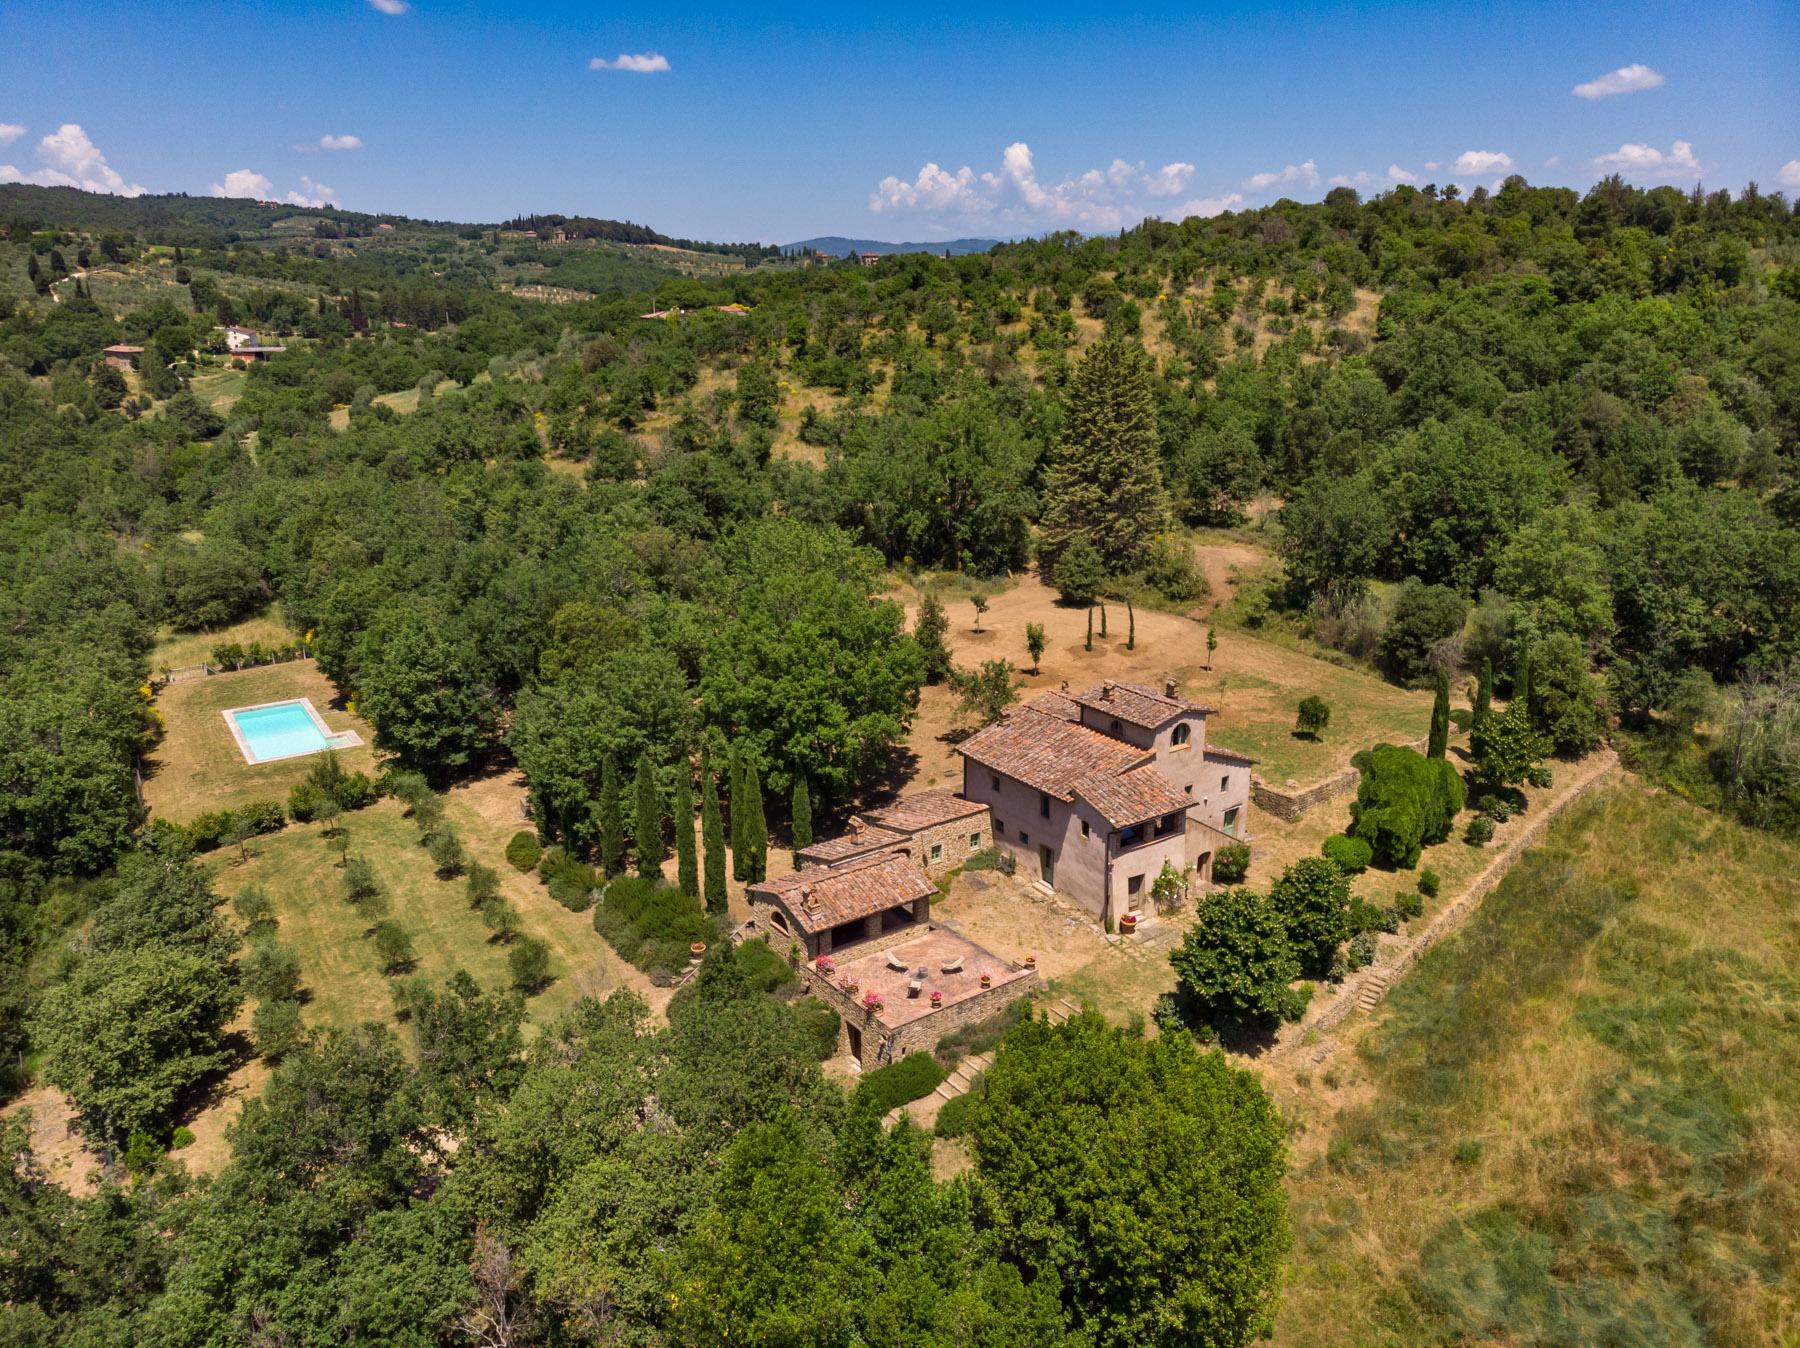 Villa in Vendita a Monte San Savino: 5 locali, 340 mq - Foto 8